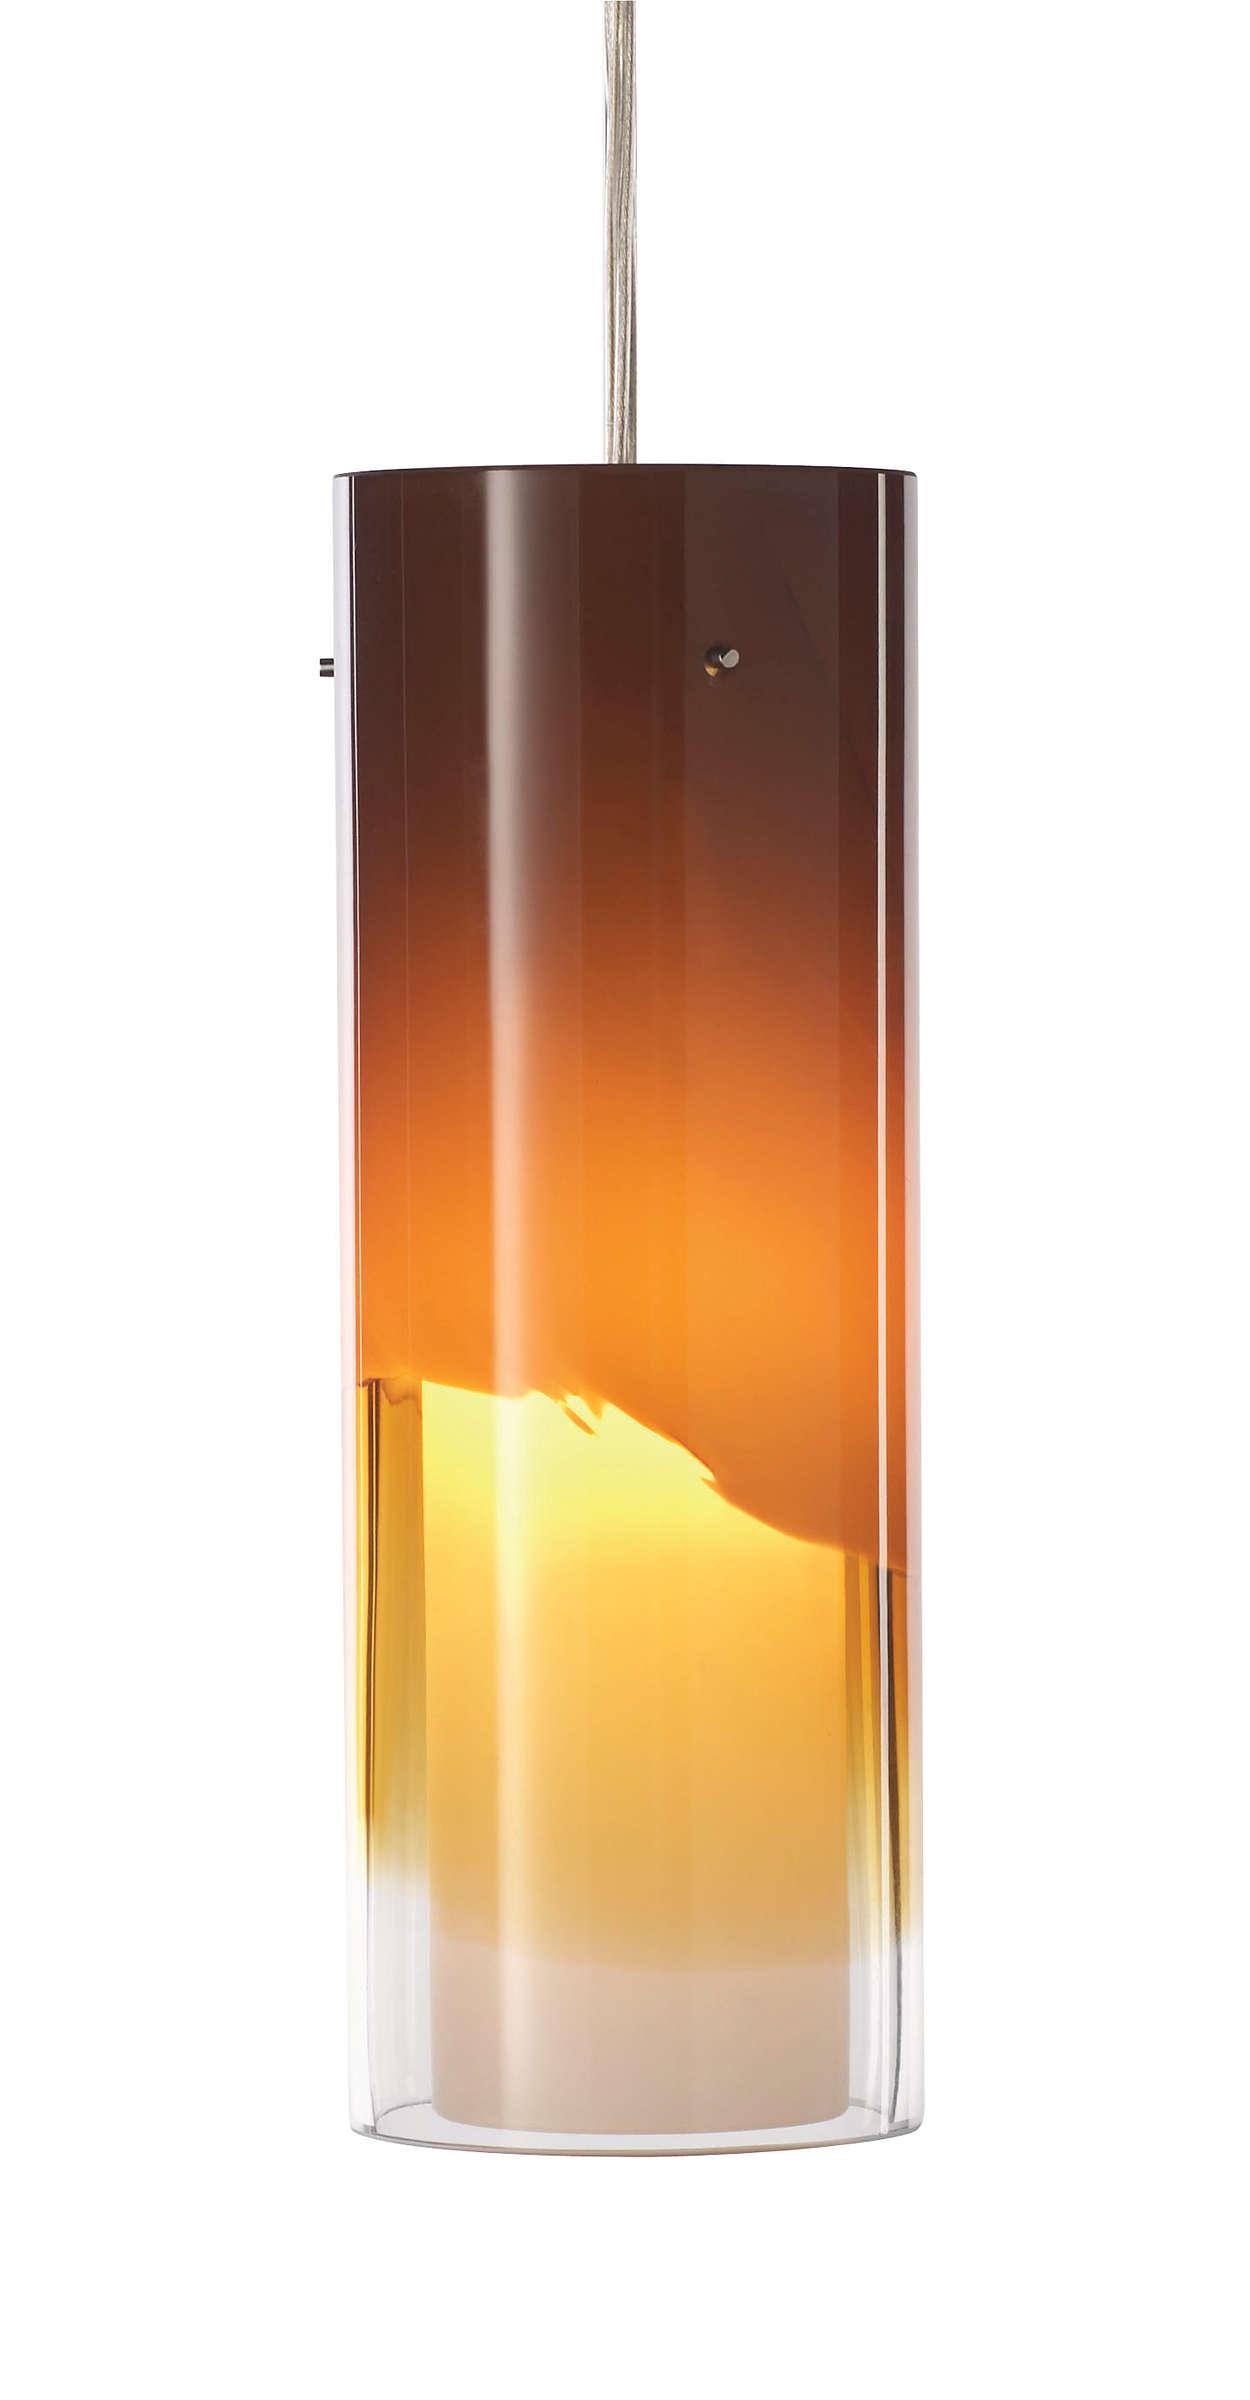 Capri LED pendant in Satin Nickel finish